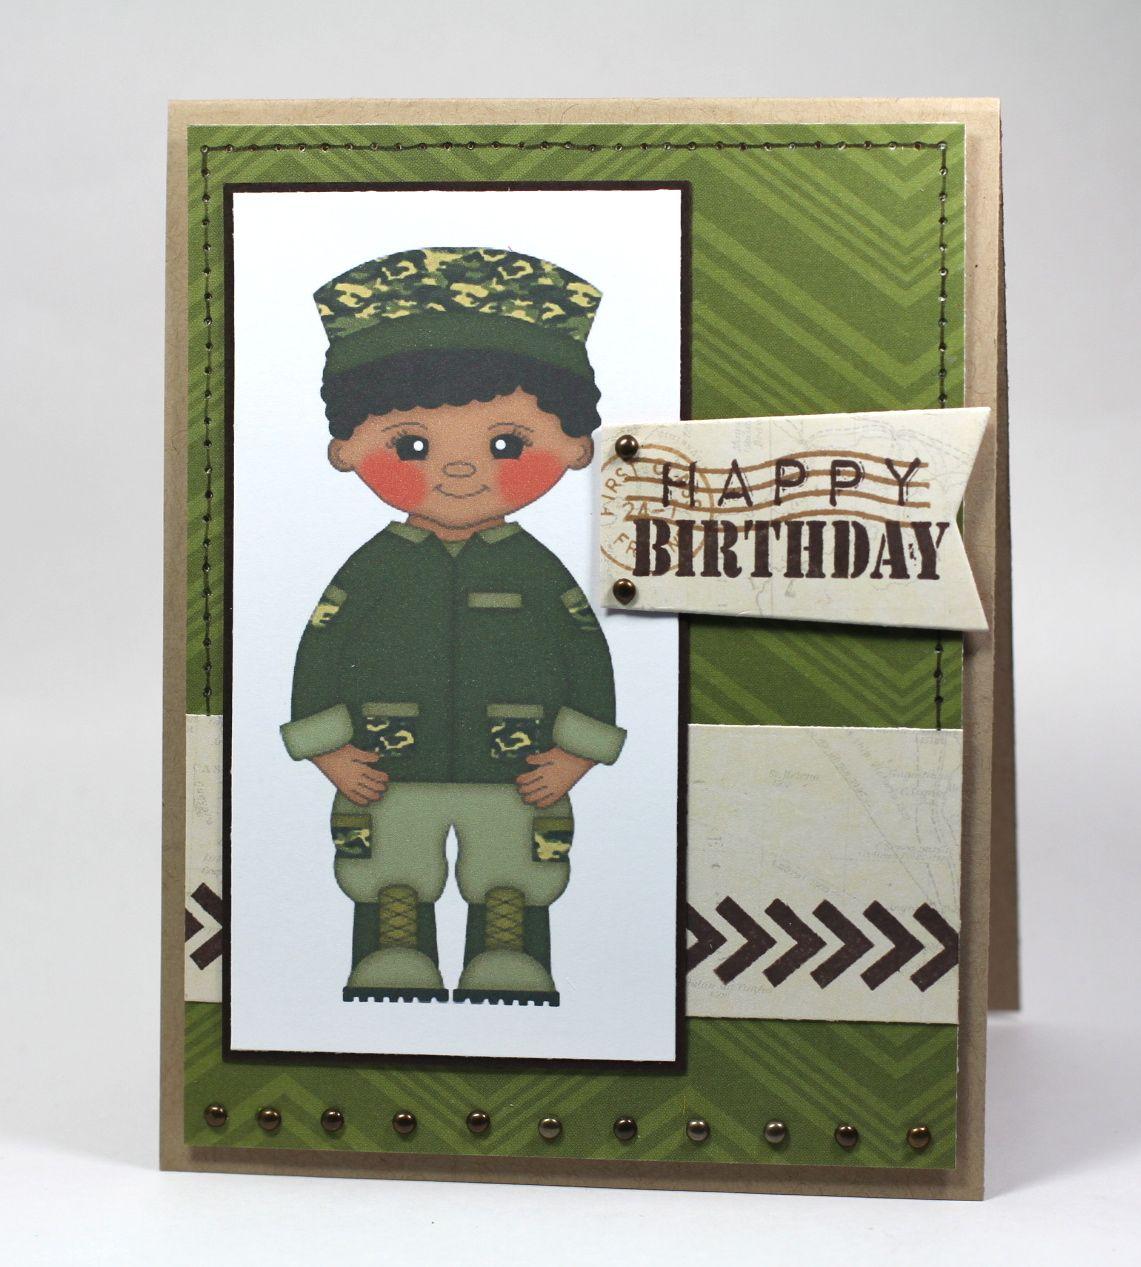 Happy Birthday Soldier Boy By AR